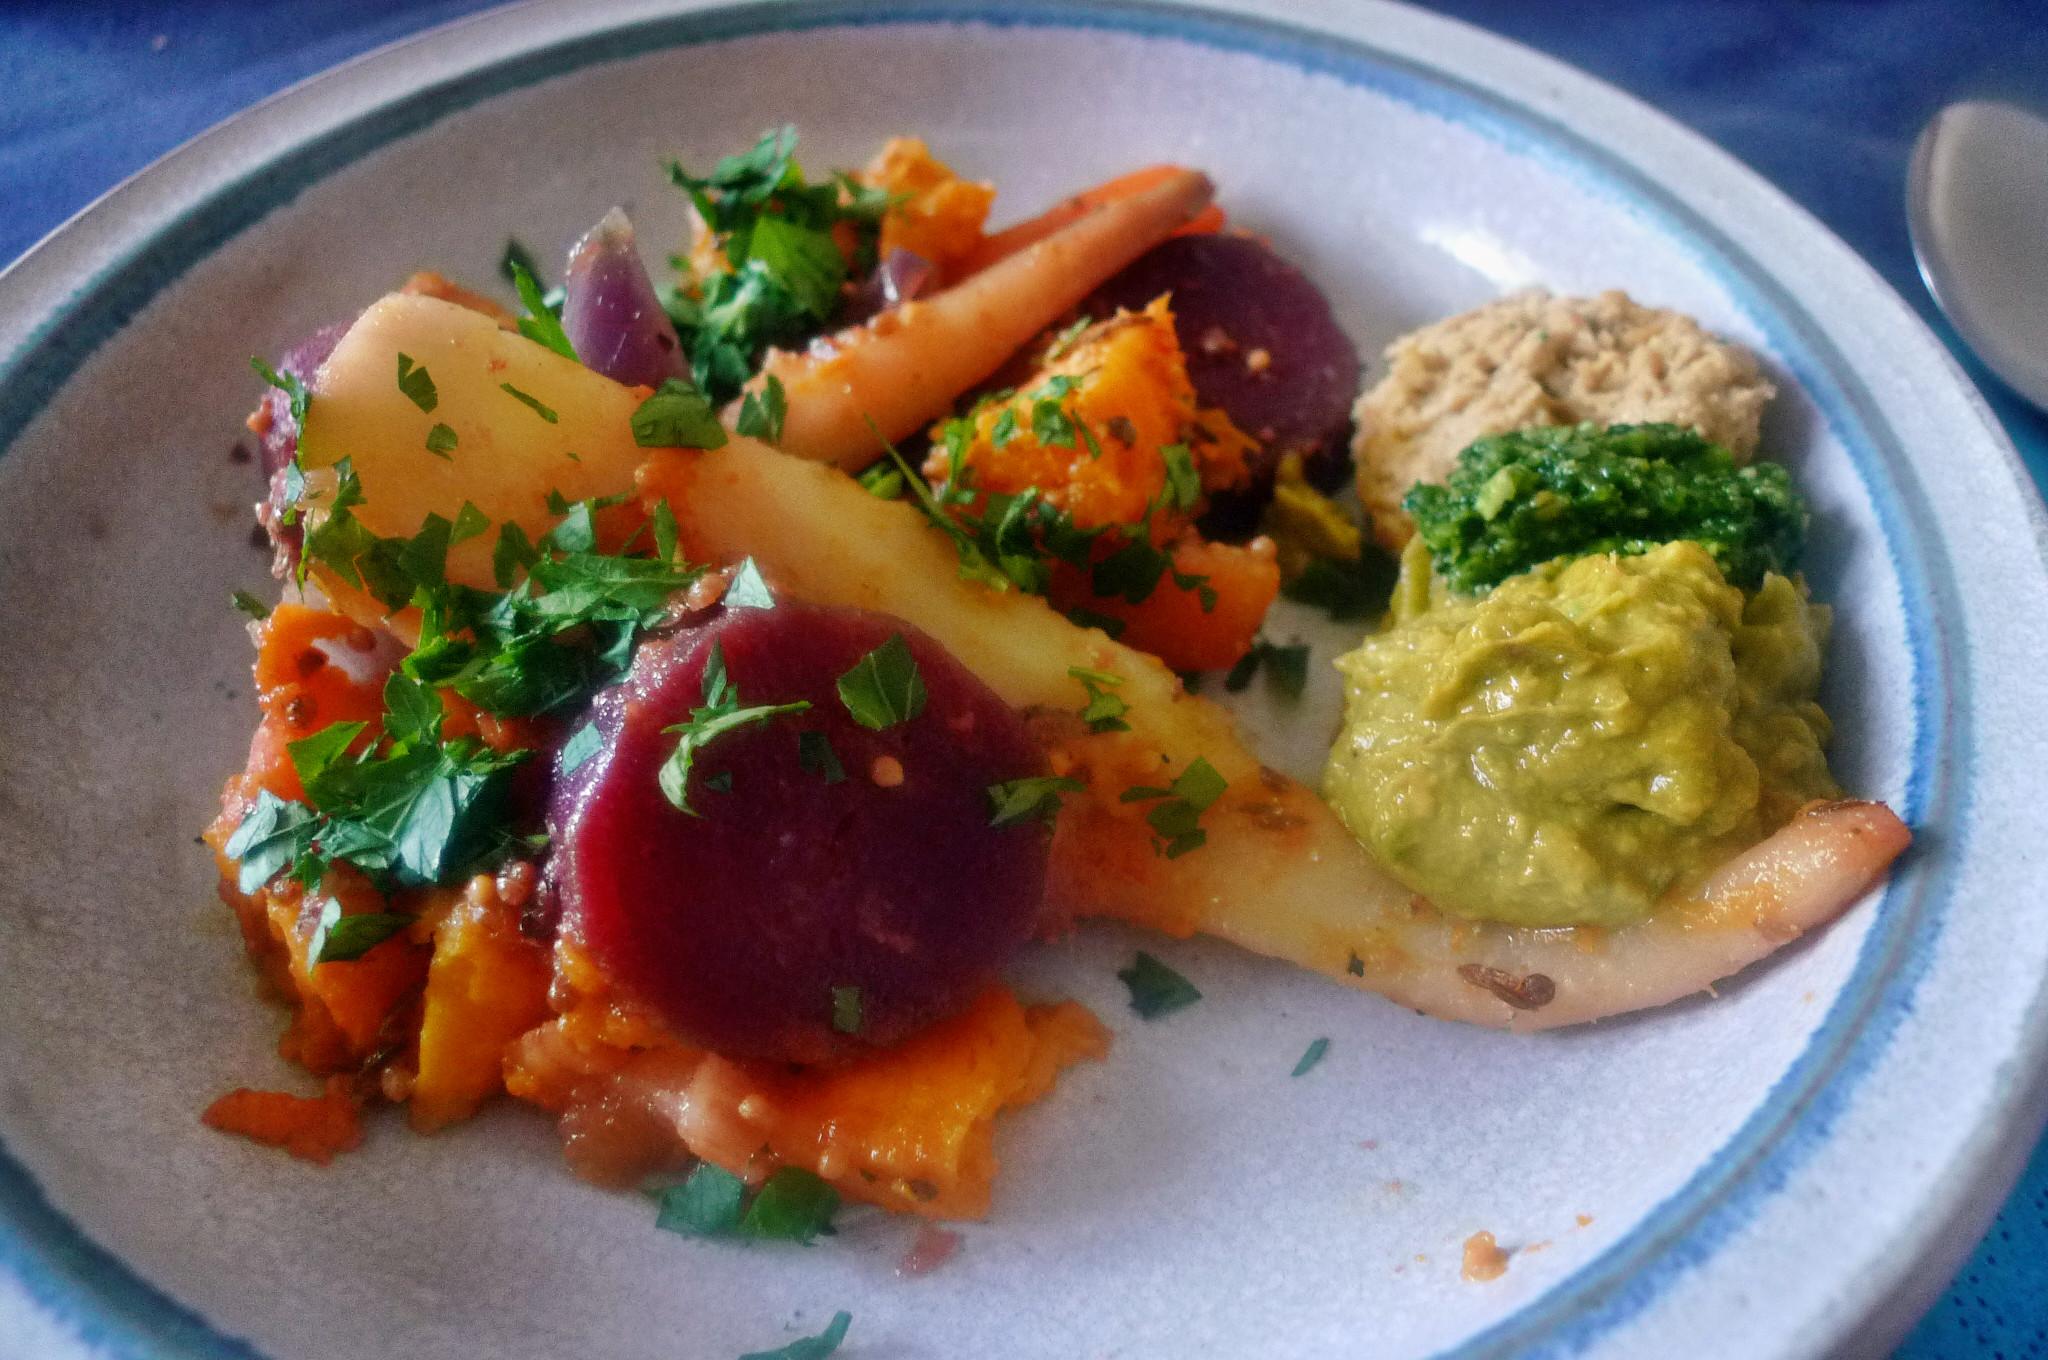 Ofengebackenes Würzelgemüse,Hummus,Guacamole -5.4.15   (14)